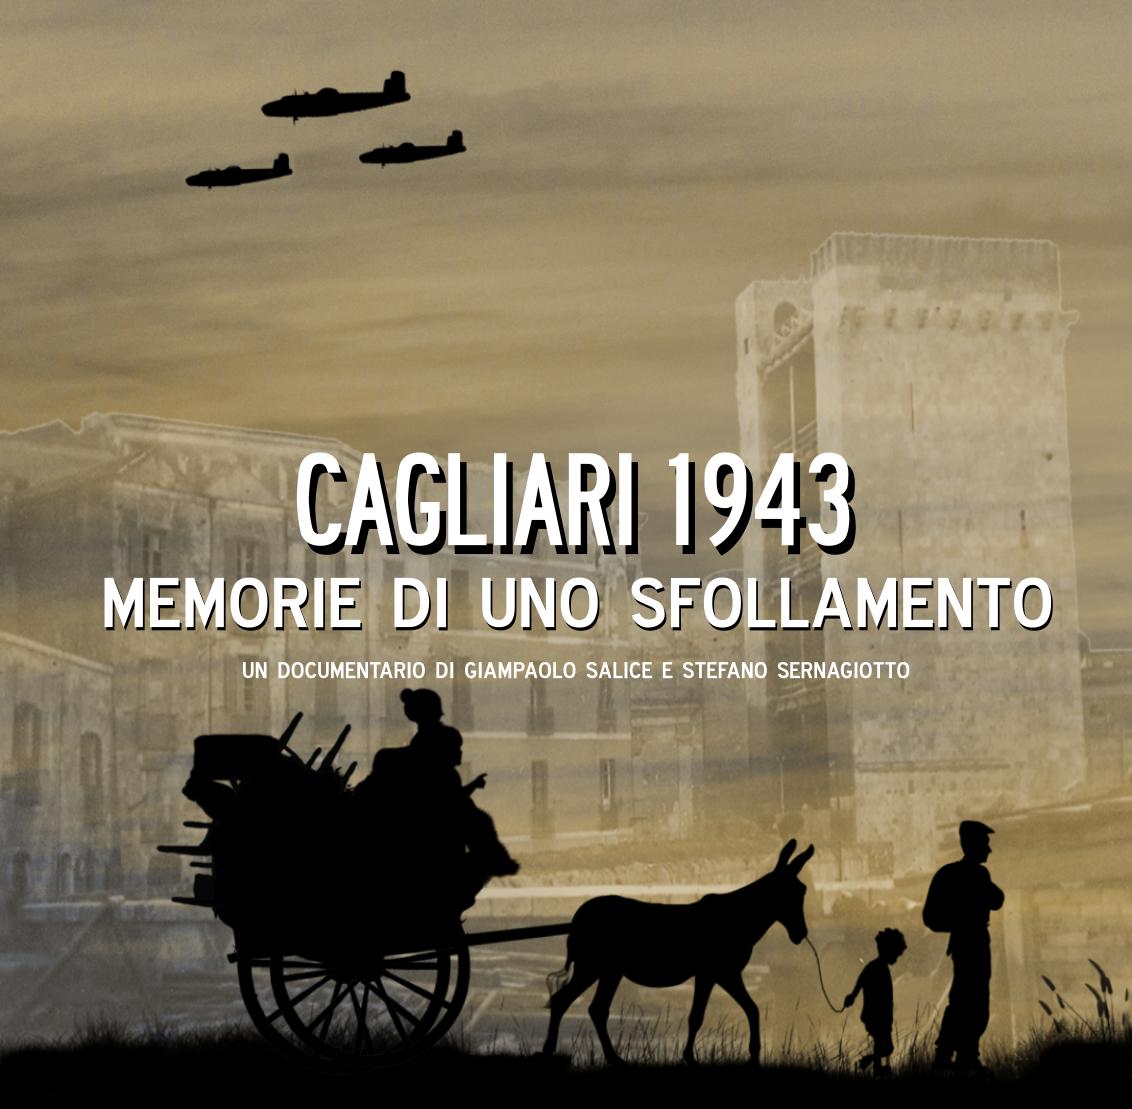 Cagliari 1943. Online il documentario che racconta lo sfollamento dei cagliaritani